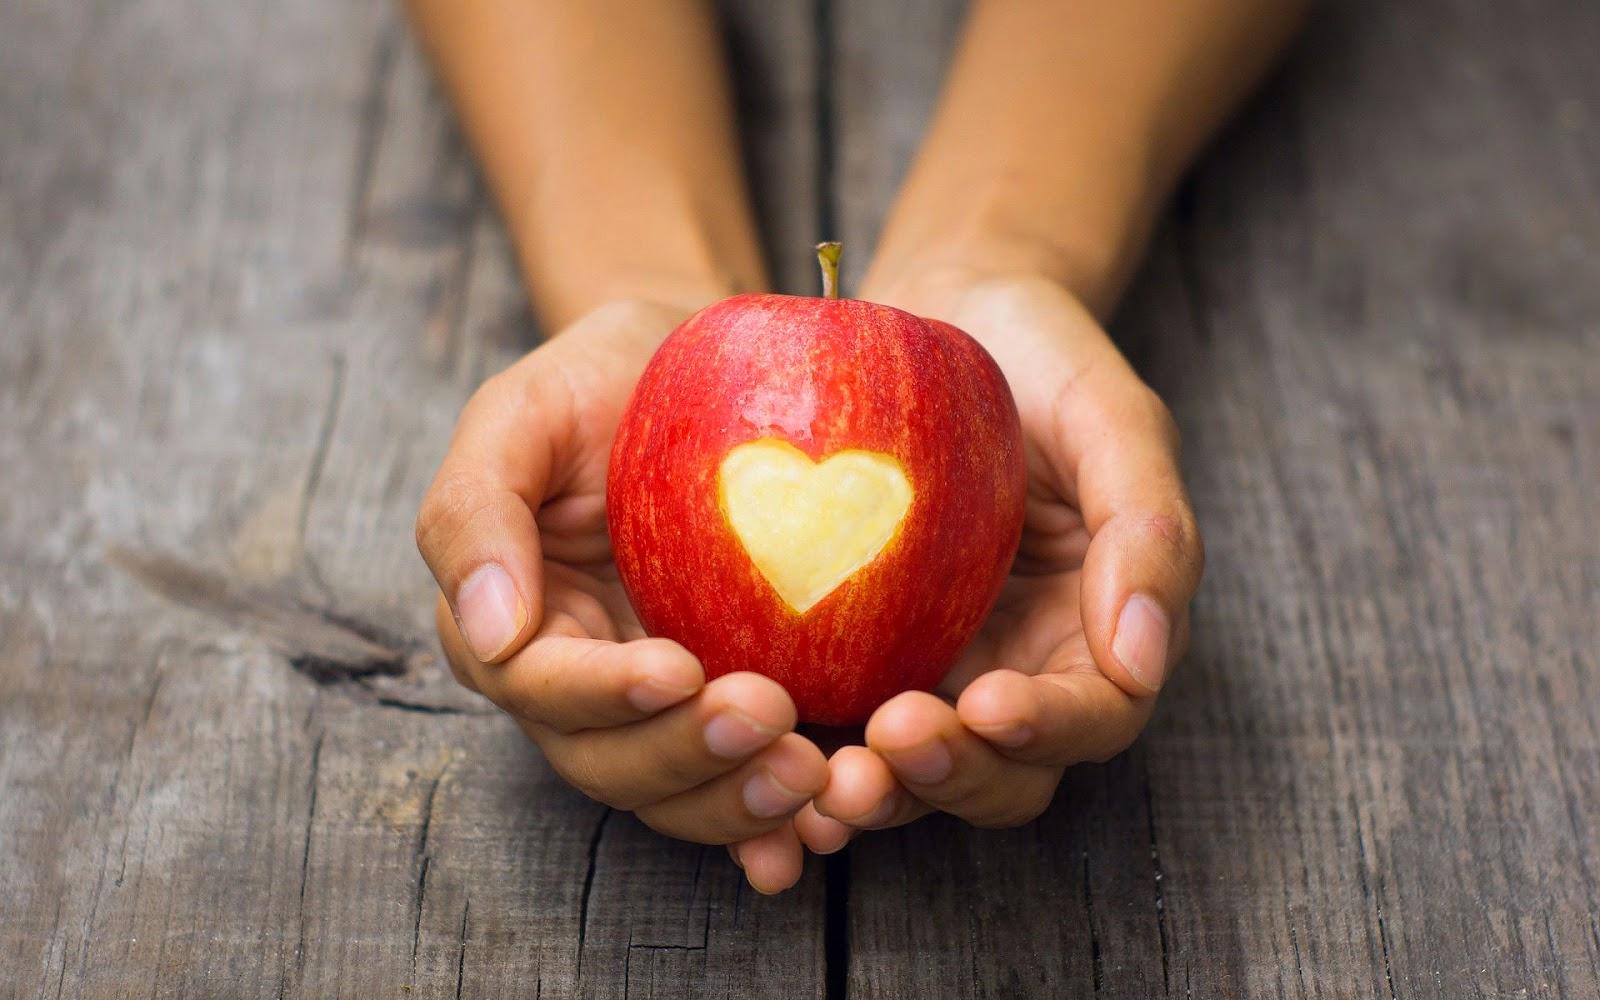 Appel met liefdes hartje